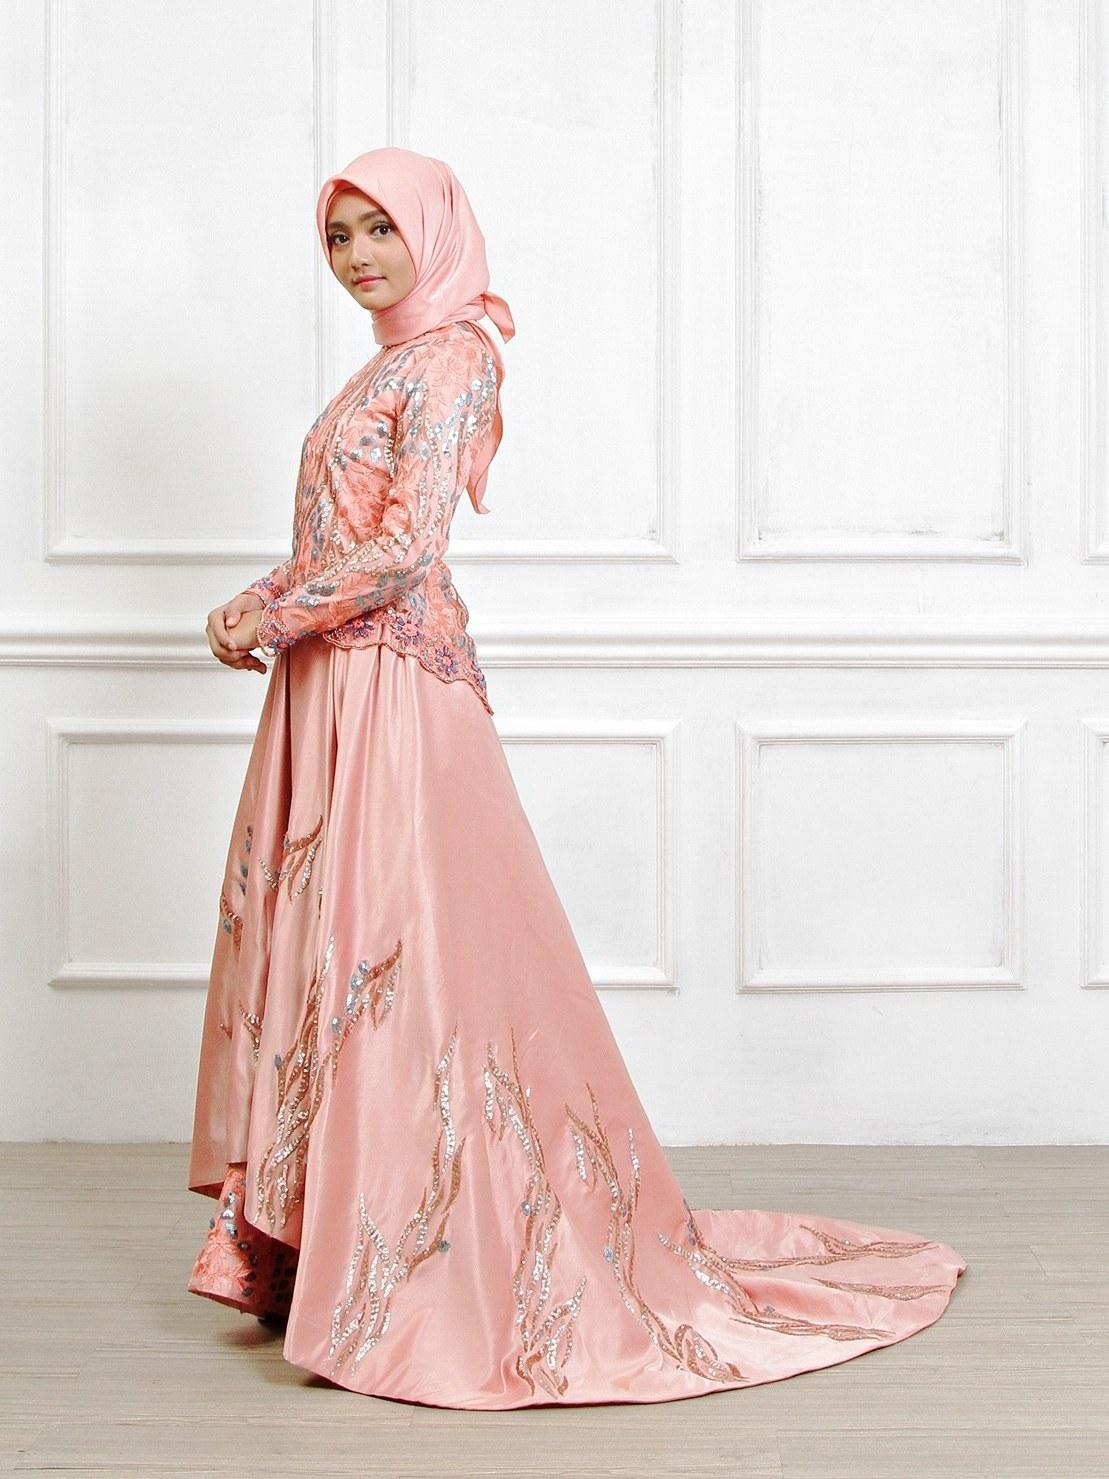 Bentuk Sewa Gaun Pengantin Muslimah Mndw Sewa Perdana Baju Pengantin Muslimah Jogja Gaun Pengantin